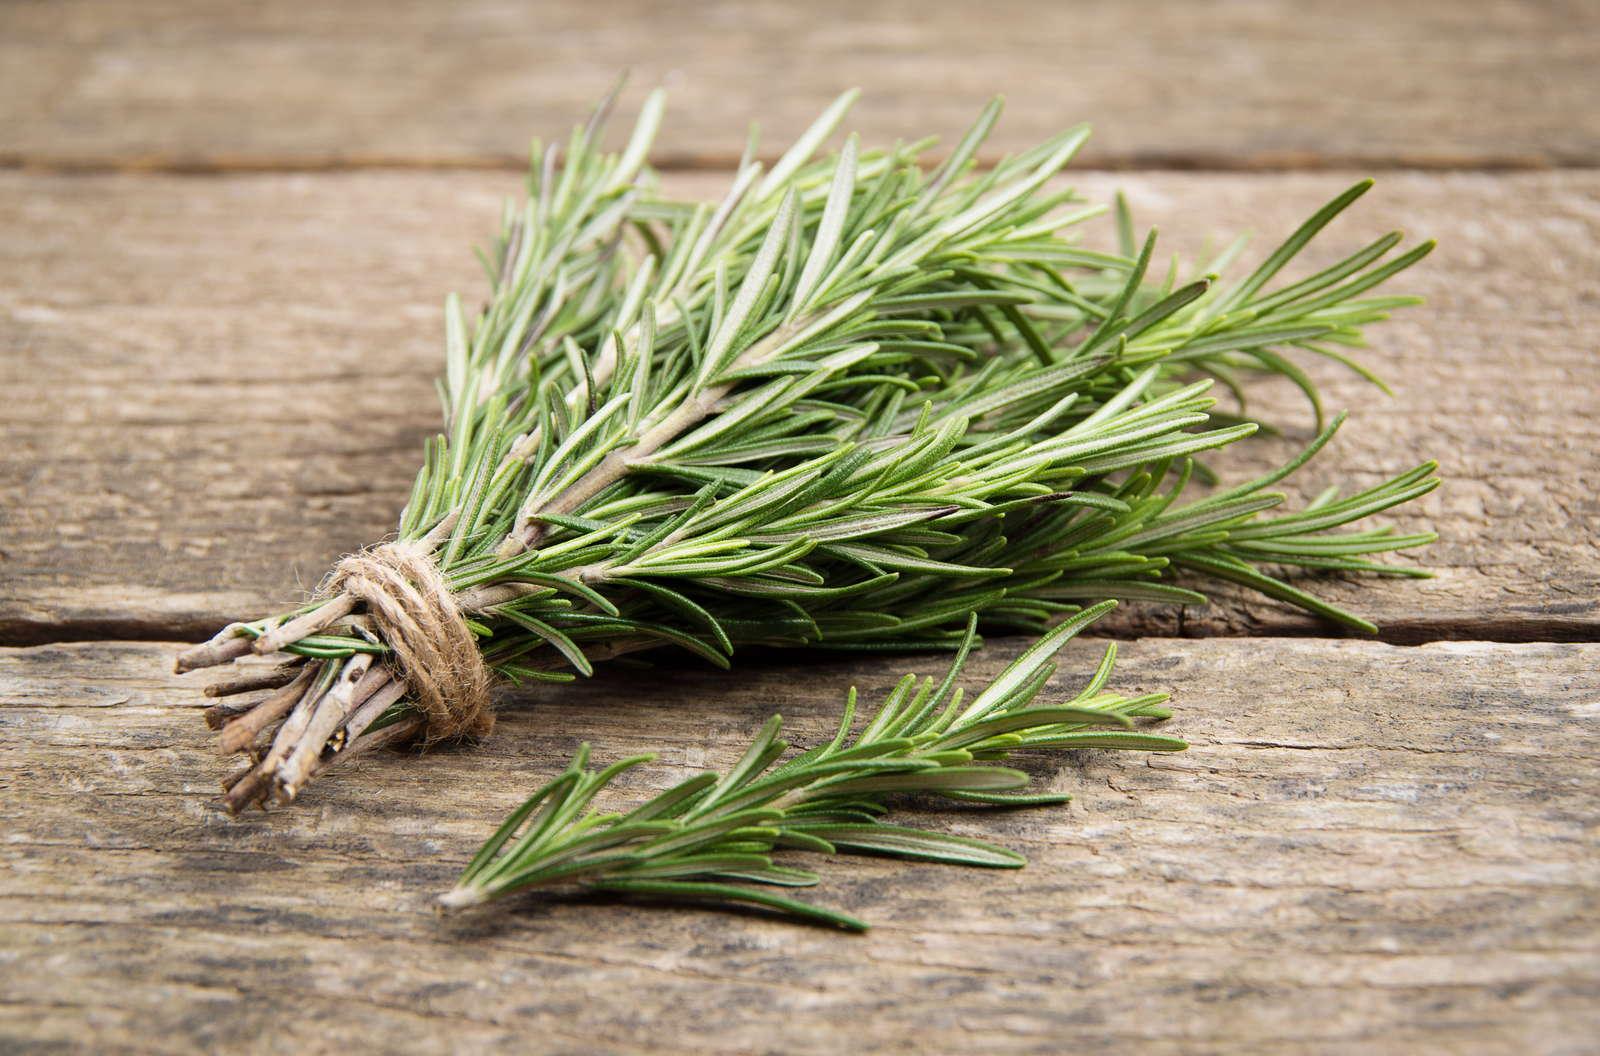 15 Tipps für frischen Rosmarin aus dem eigenen Beet - Plantura